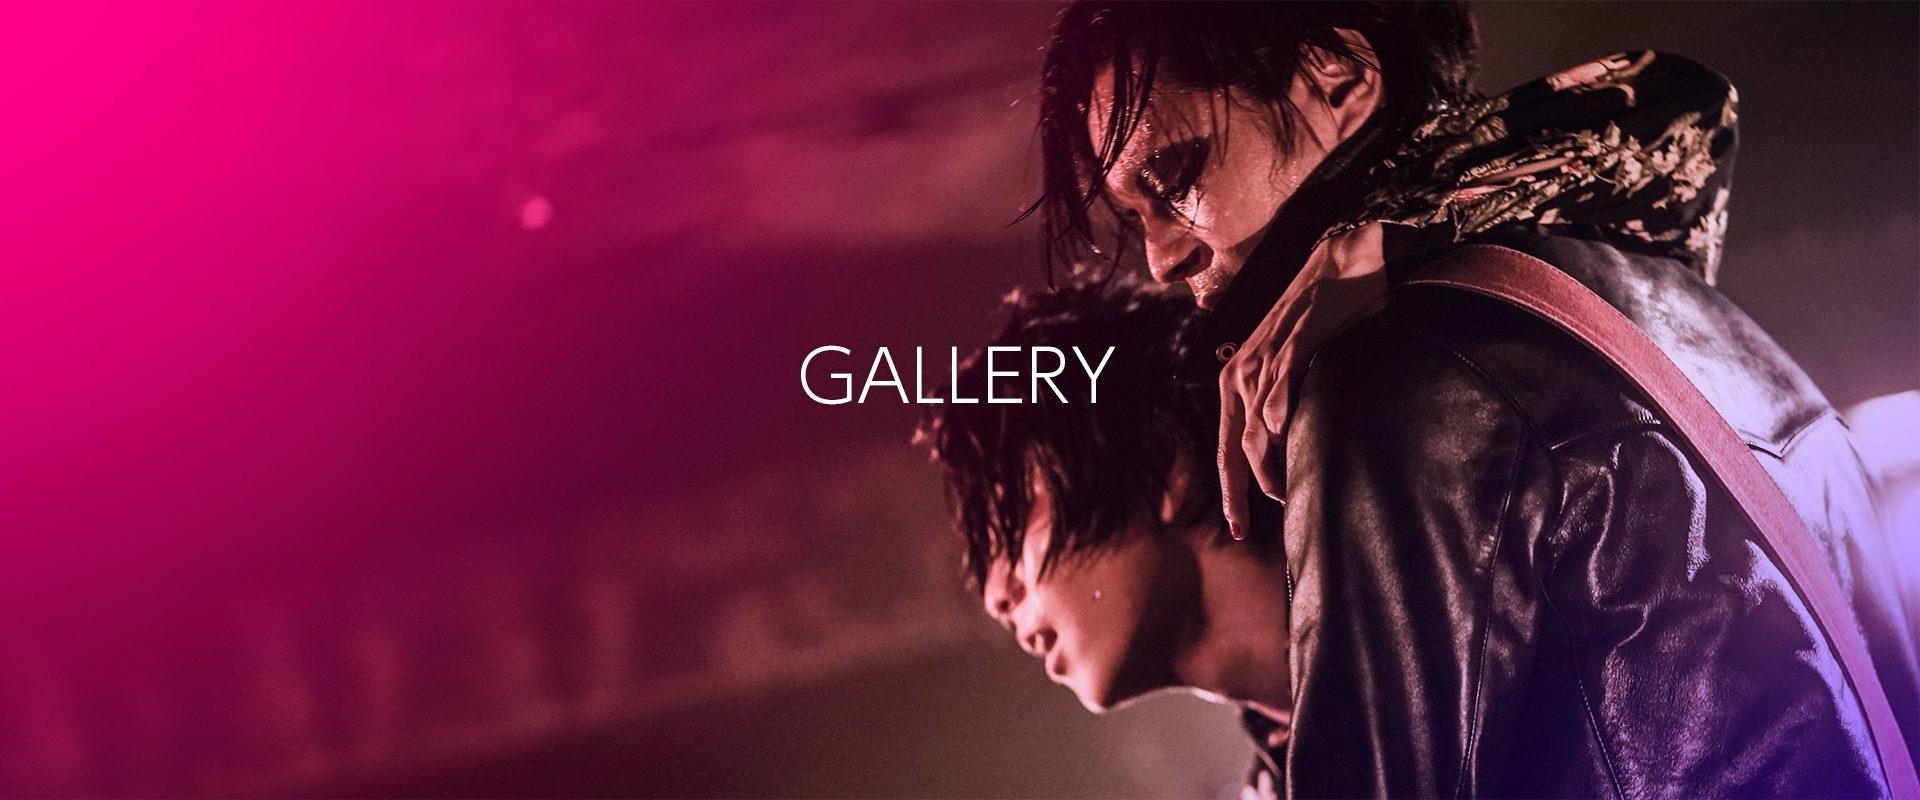 header_gallery